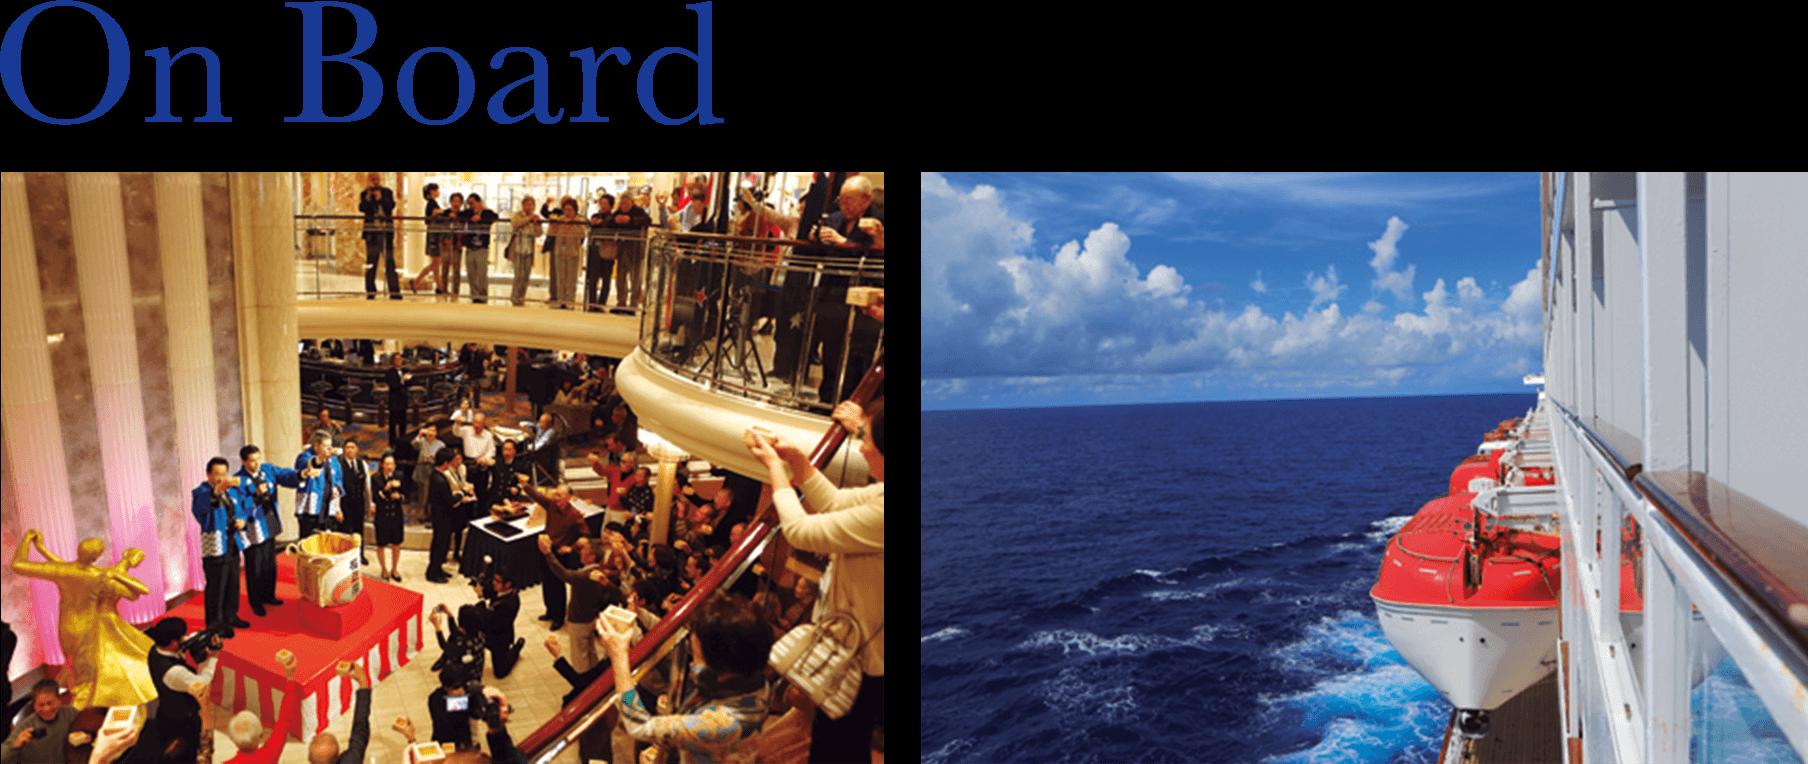 2021年 オセアニアグランドクルーズ On Board 鏡開き&ウェルカムパーティー/海の色の変化を楽しむ 詳細情報